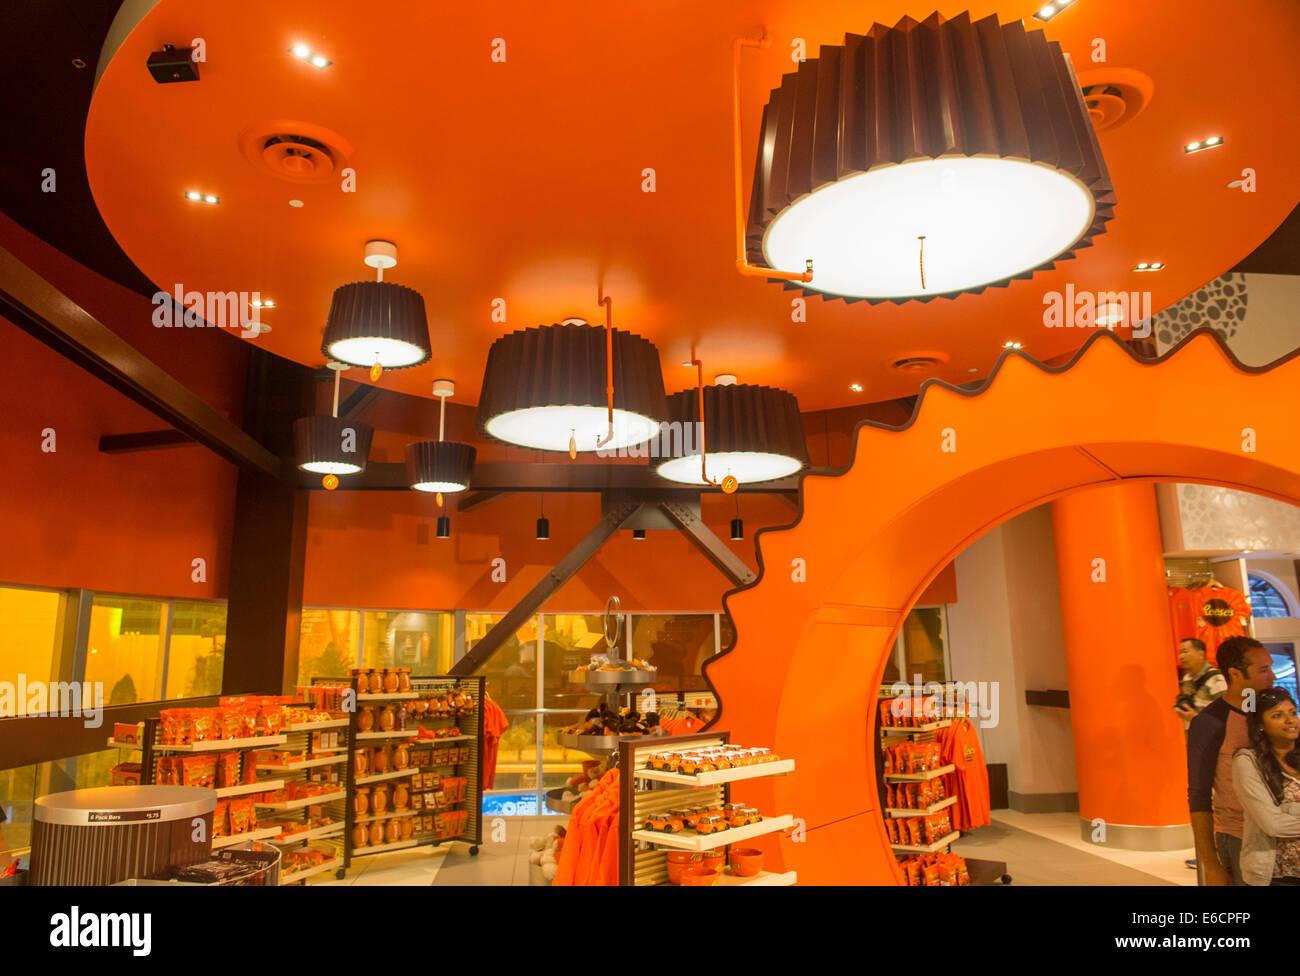 The Hershey's Chocolate World store in New York-New York hotel in ...